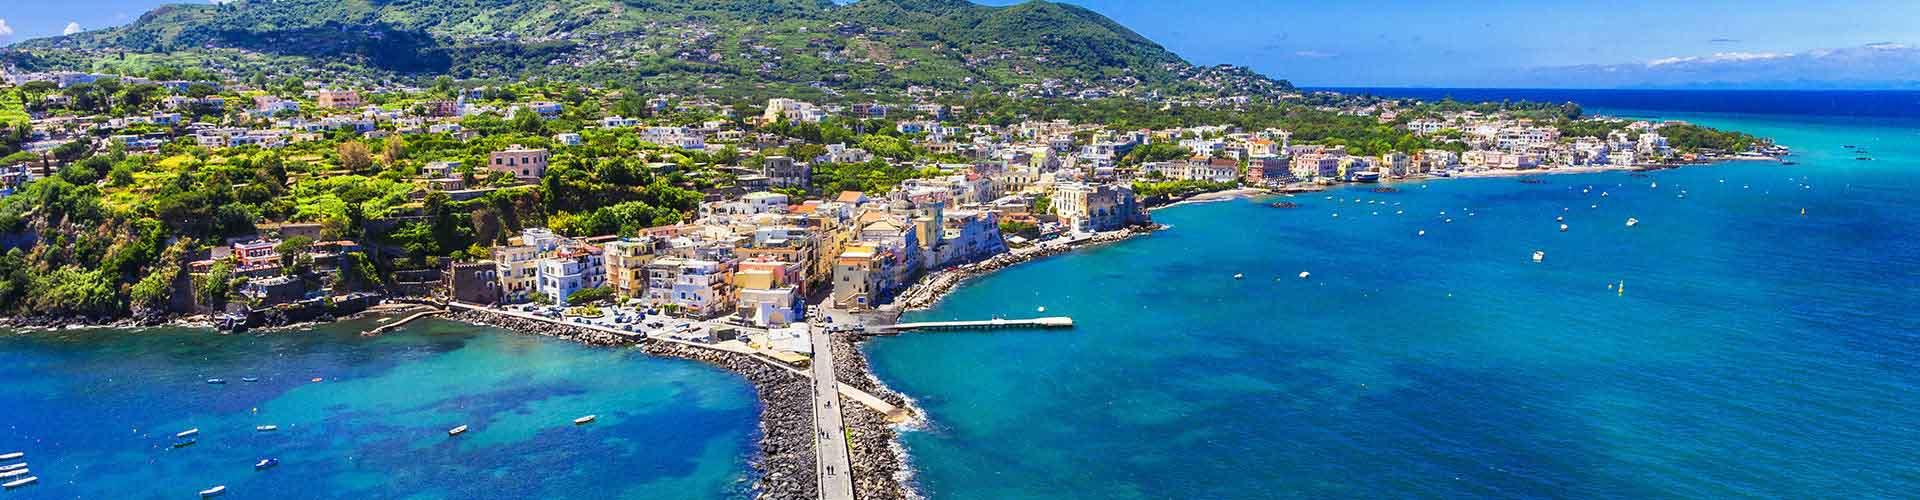 Ischia - Campamentos en Ischia. Mapas de Ischia, Fotos y comentarios de cada Campamento en Ischia.